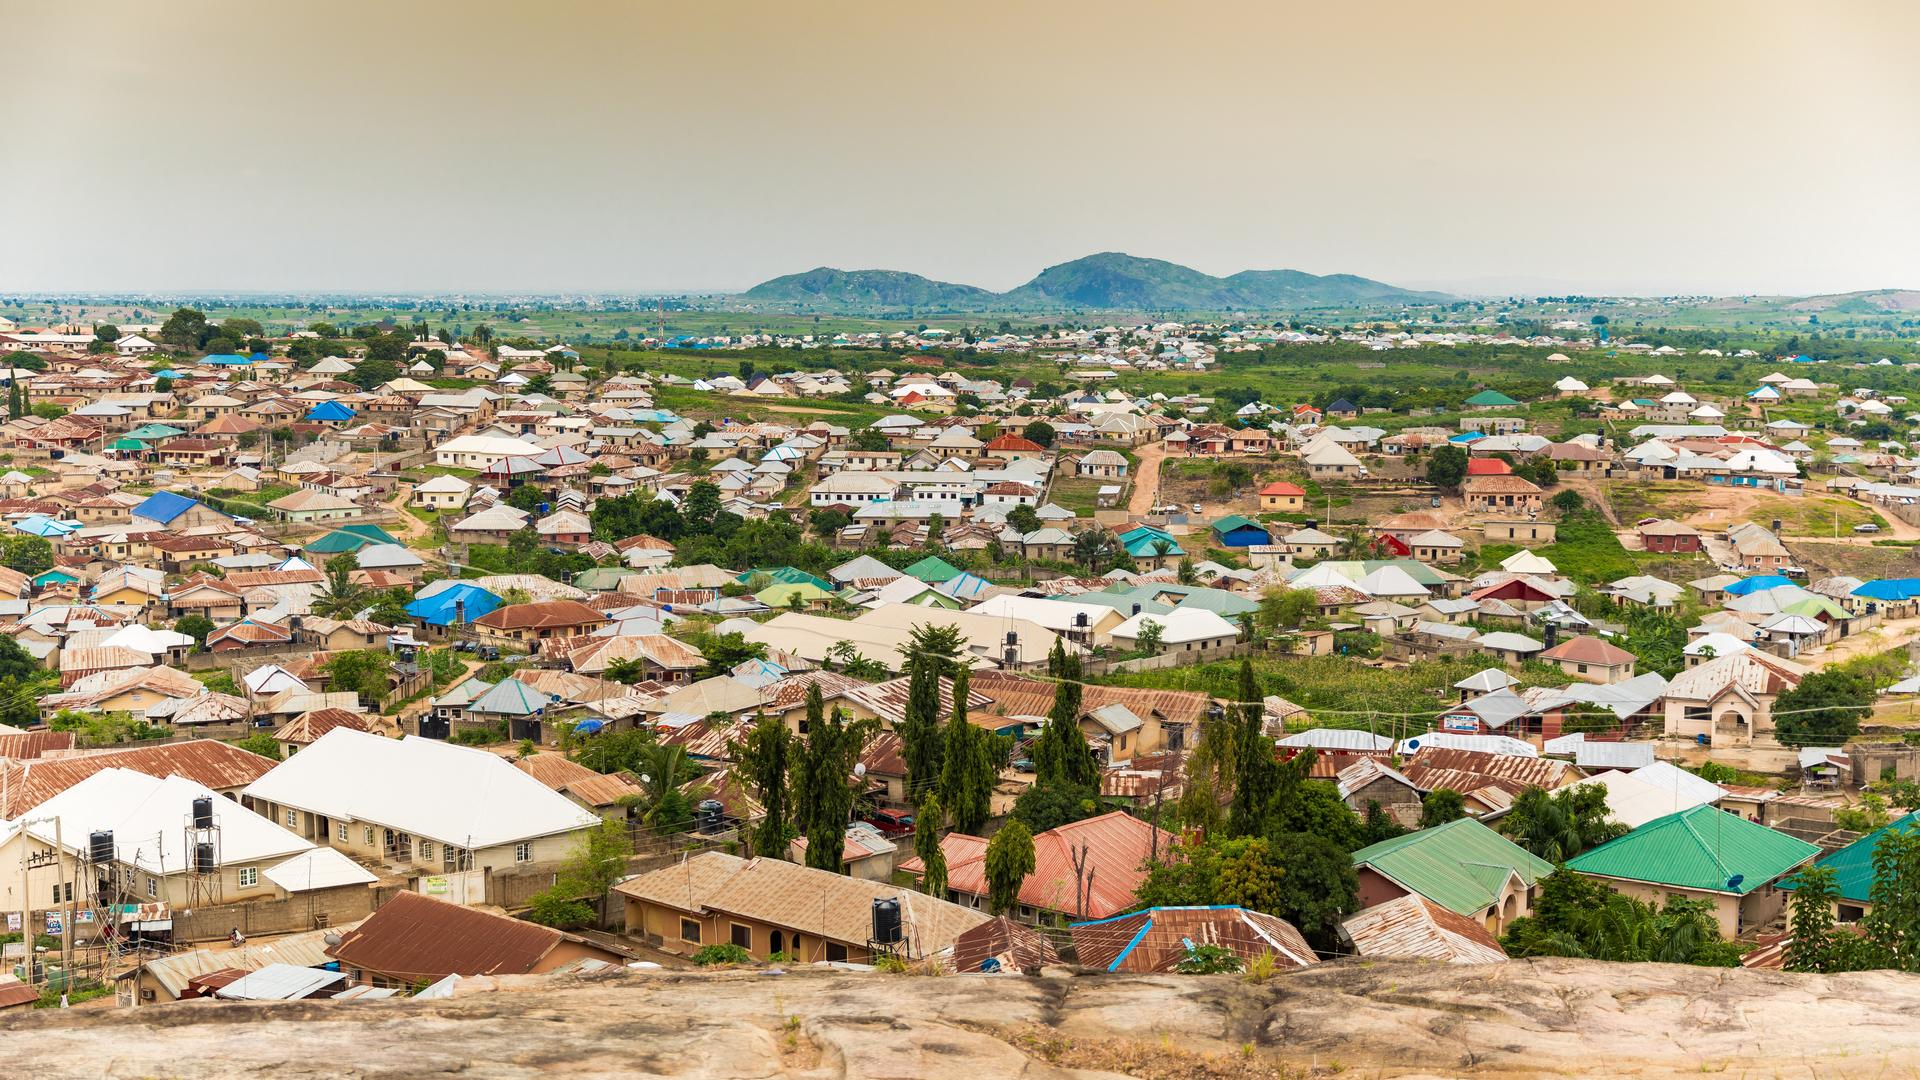 A view in Nigeria